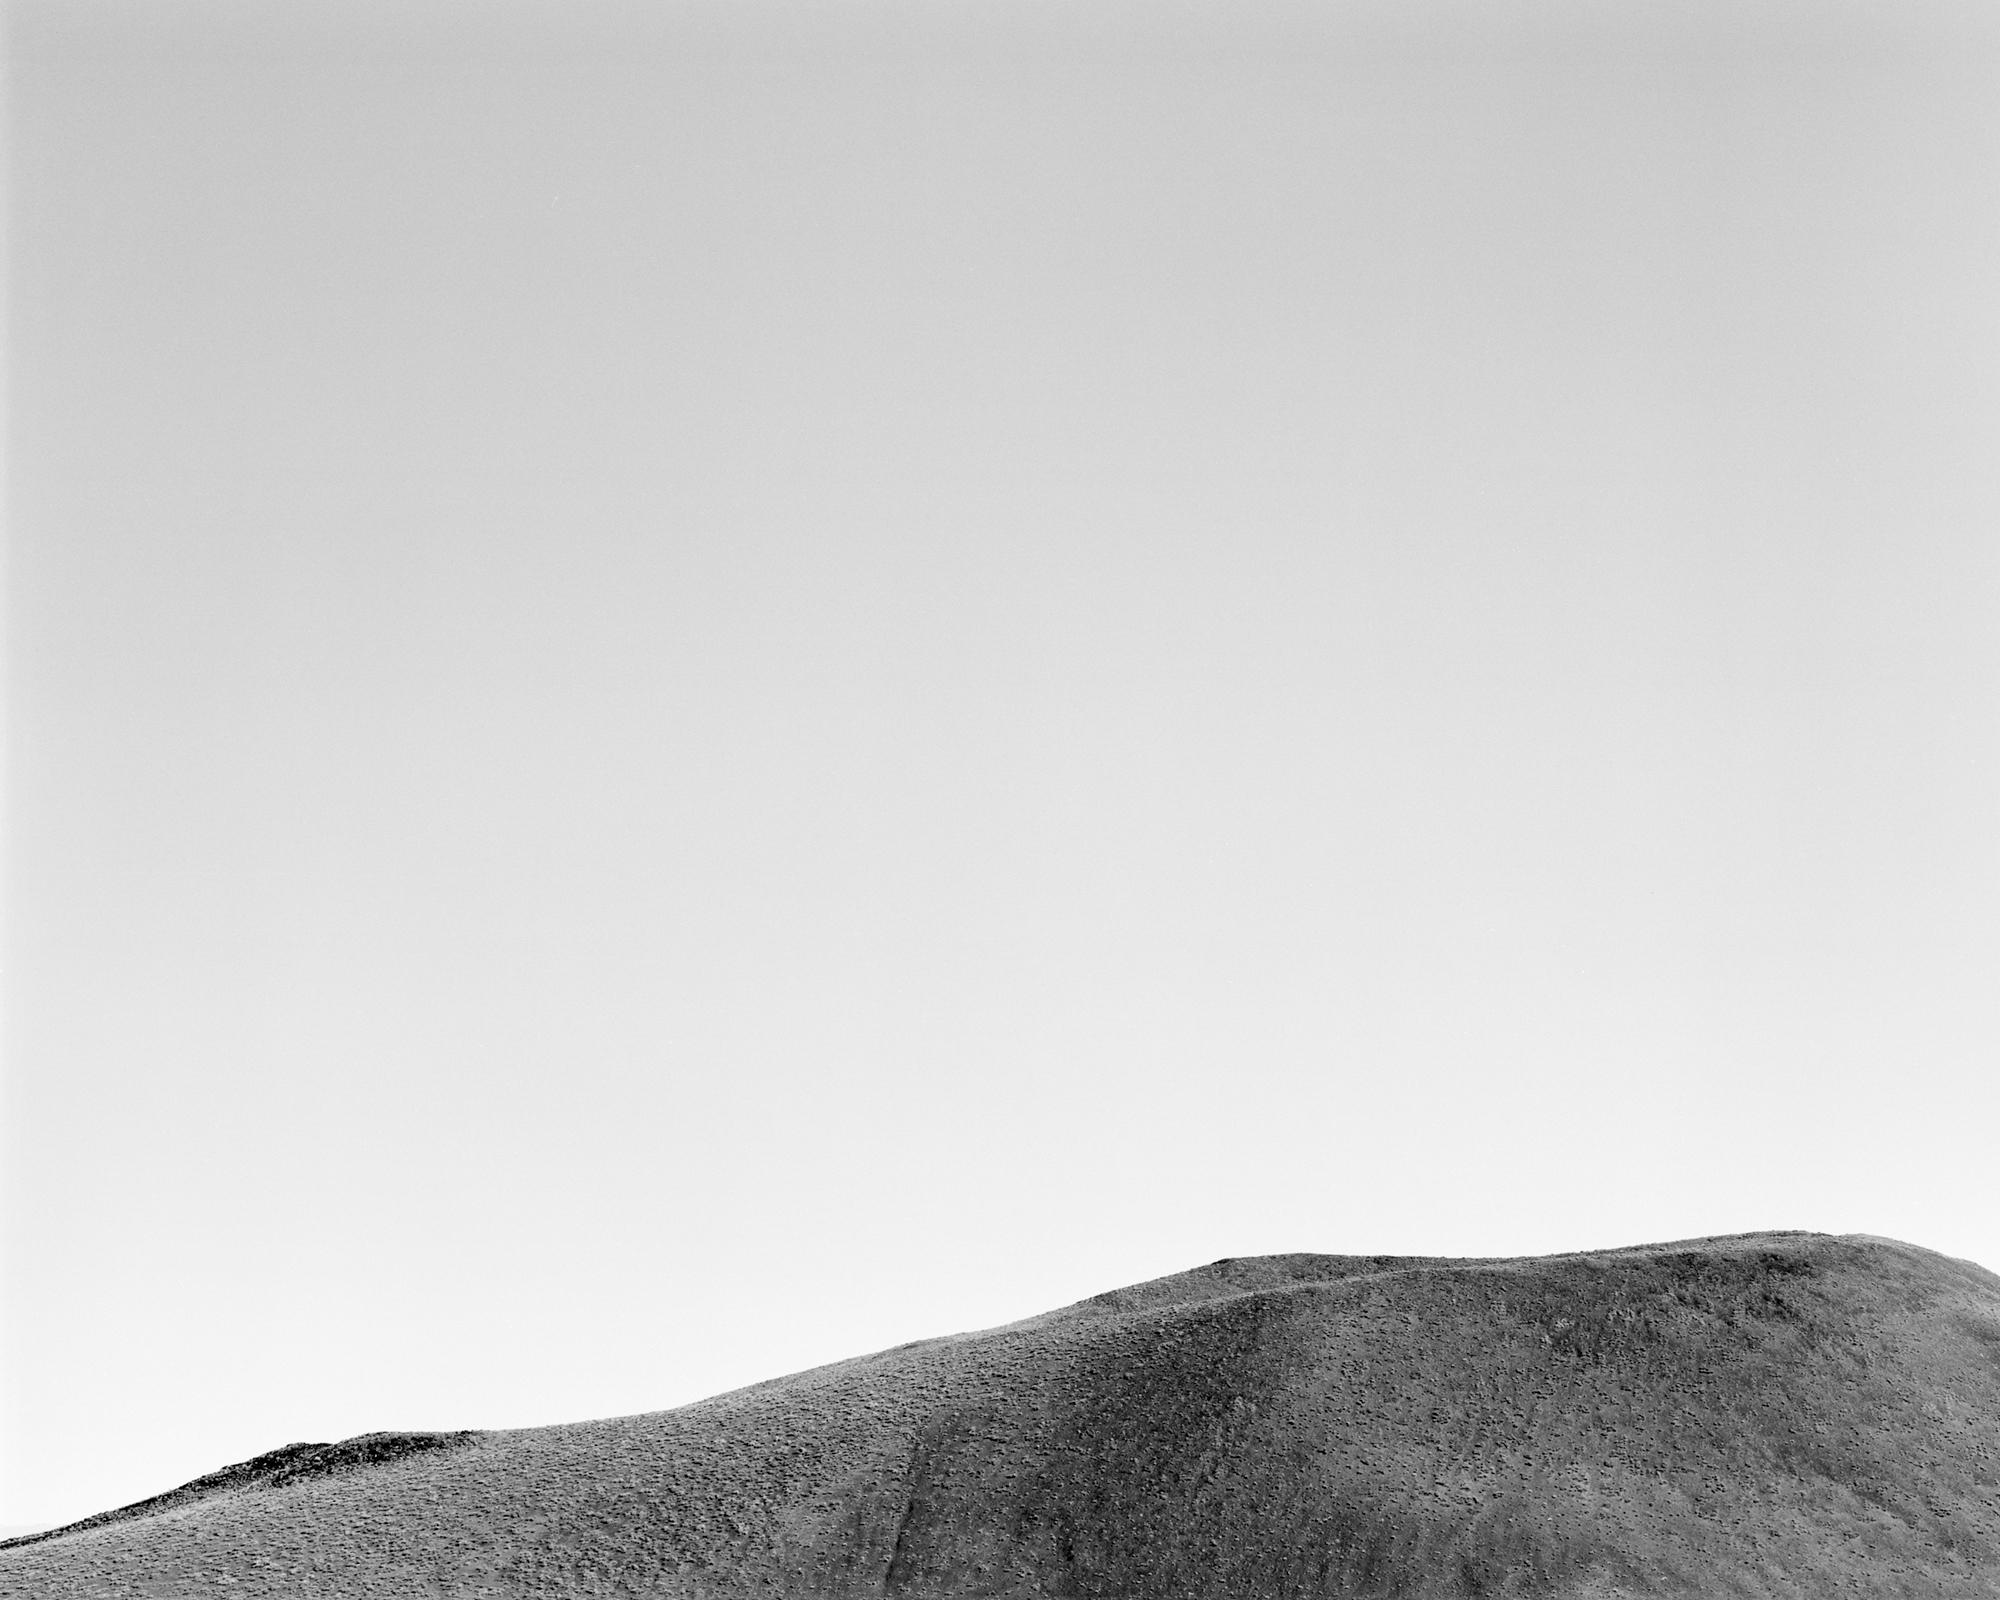 Owens Valley No. 4